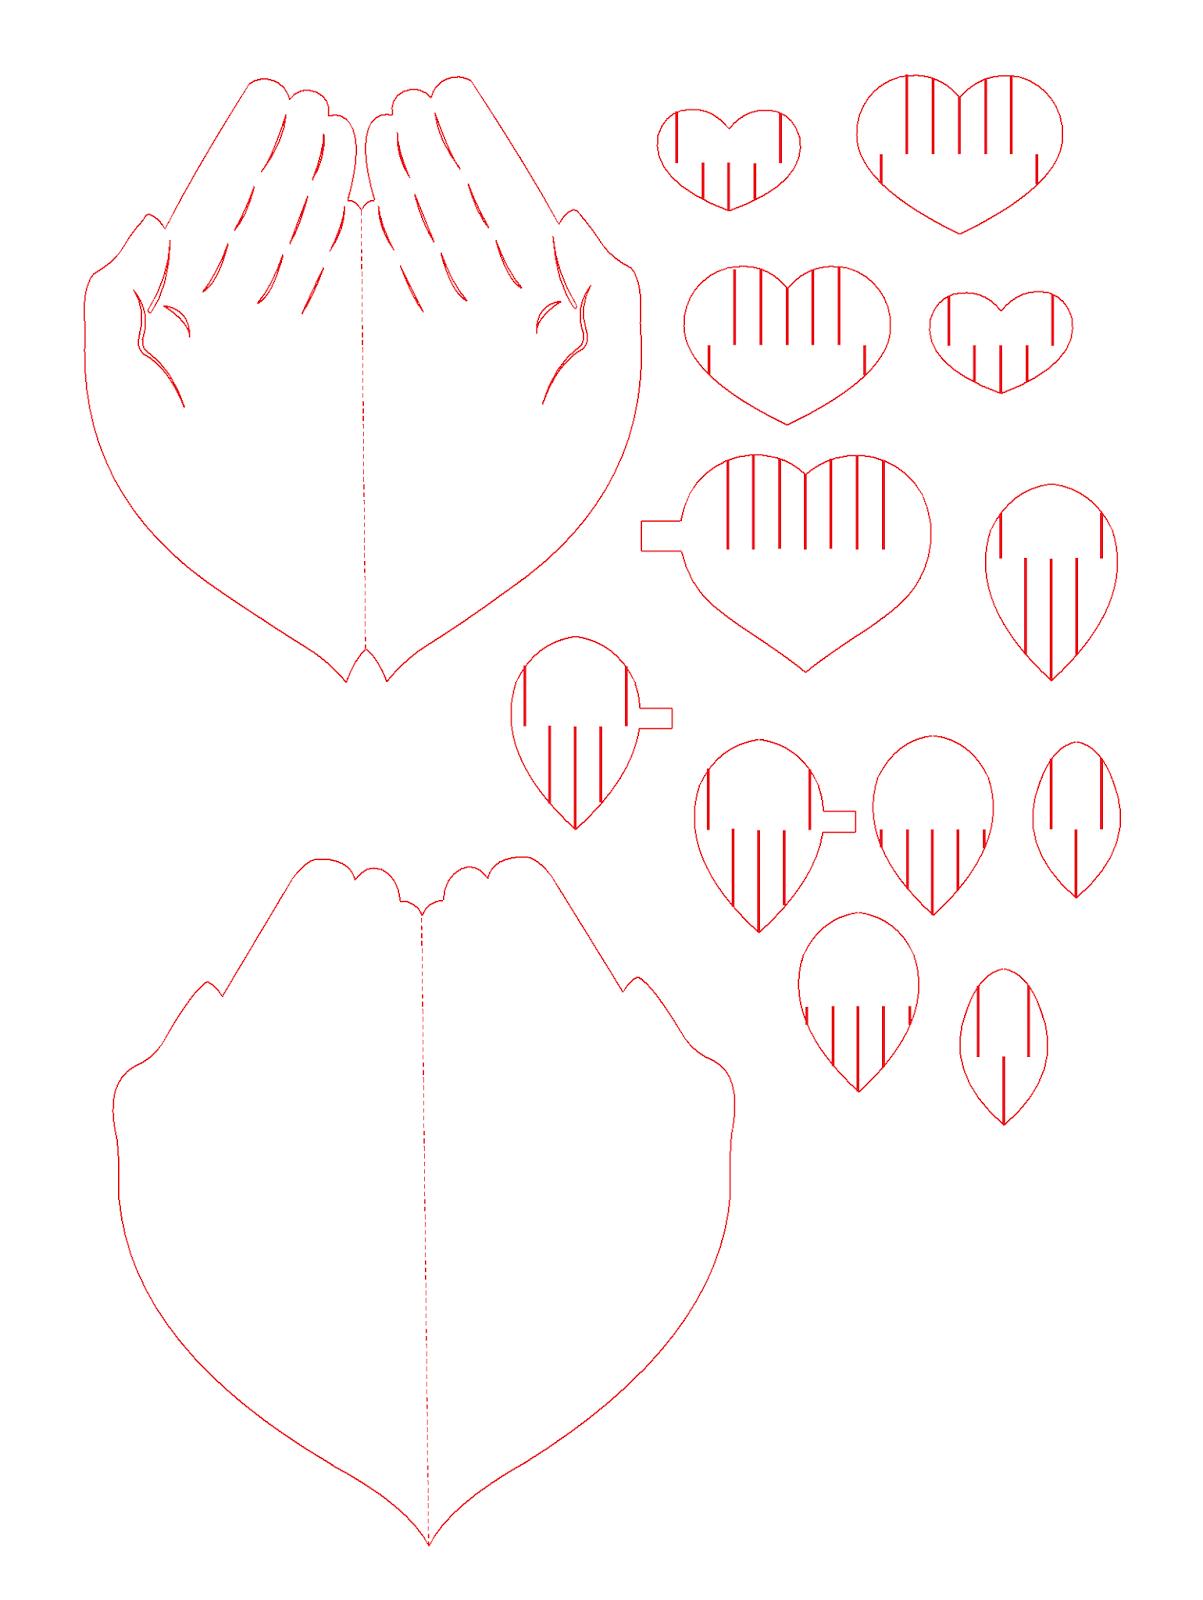 4 д открытка своими руками схема, игры